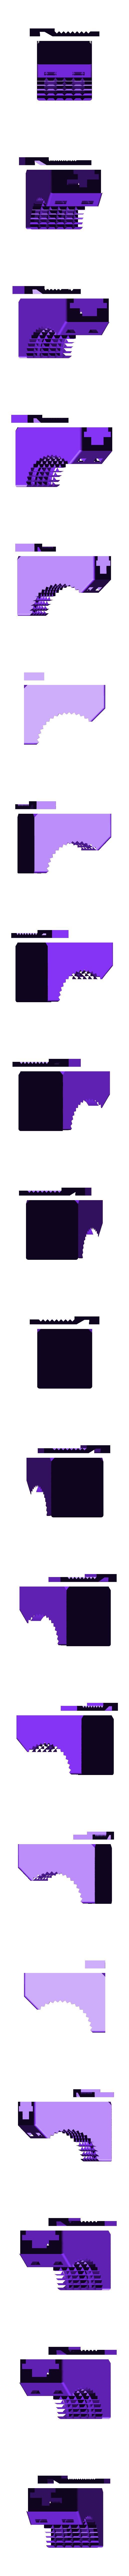 27mm_snapfit_handle_base_remix.stl Télécharger fichier STL gratuit poignée encliquetable pour montage sur barre (moletée, 22mm-34mm) • Objet imprimable en 3D, CyberCyclist